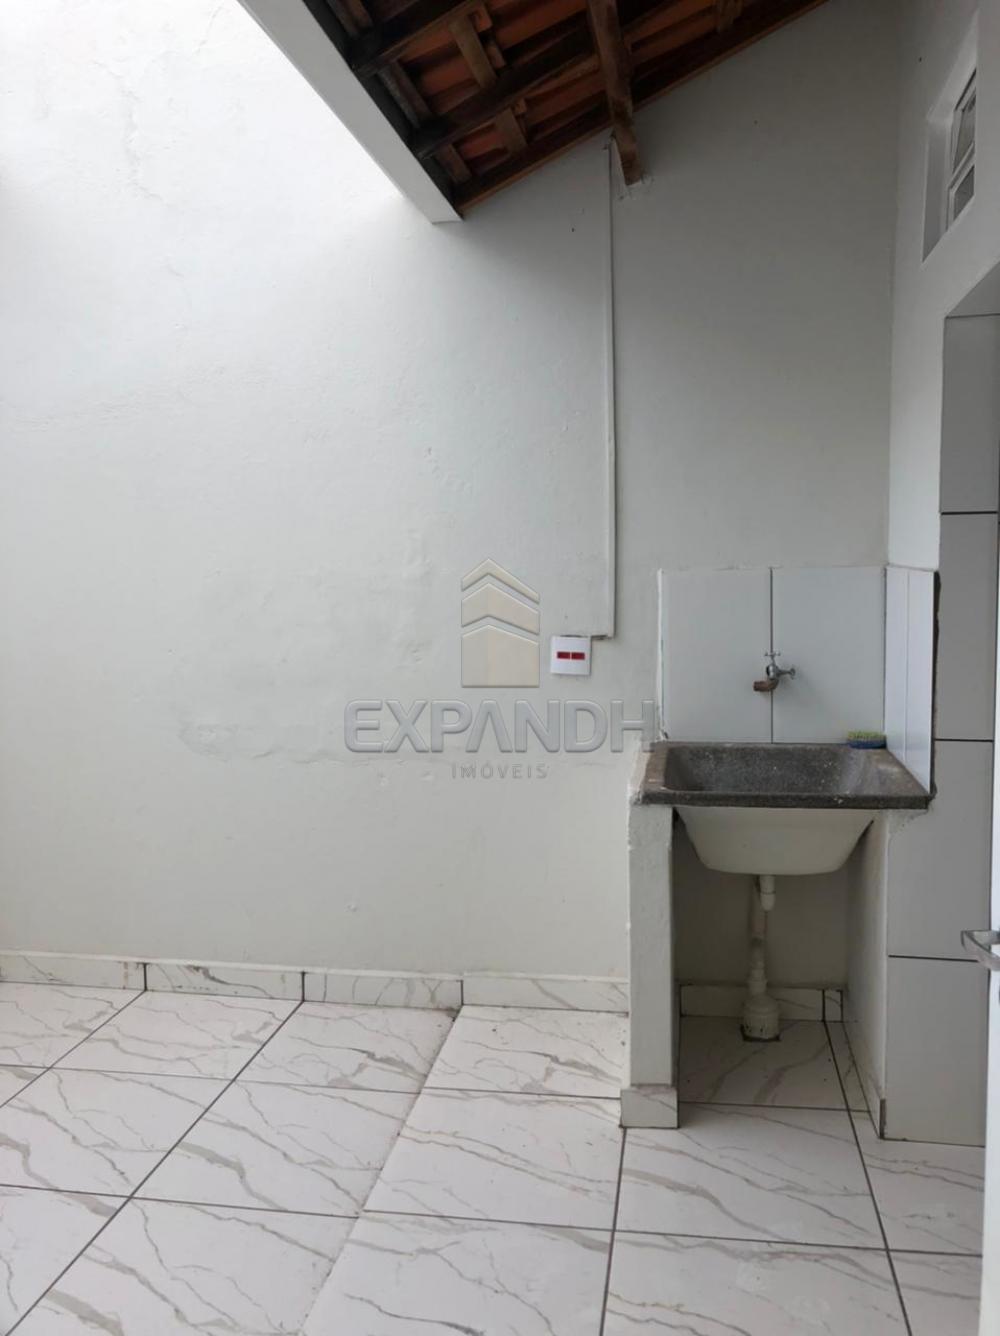 Alugar Casas / Padrão em Sertãozinho R$ 8.000,00 - Foto 6